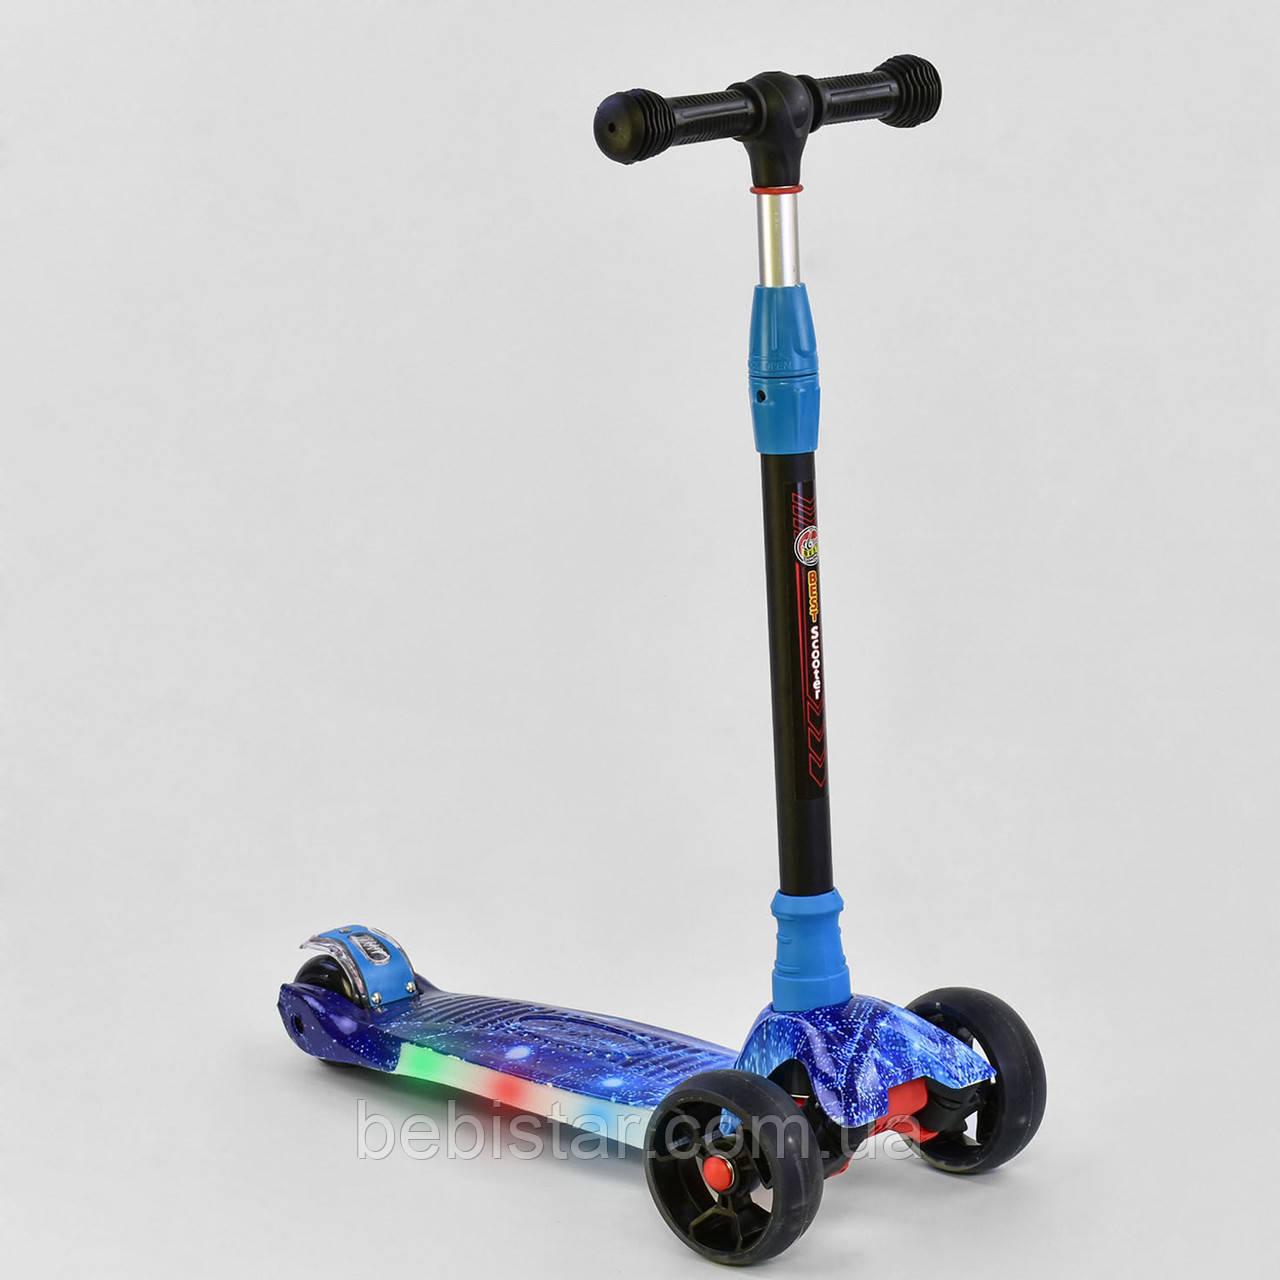 Трехколесный самокат голубой четыре колеса с подсветкой платформы и светящимися колесами деткам от 3 лет